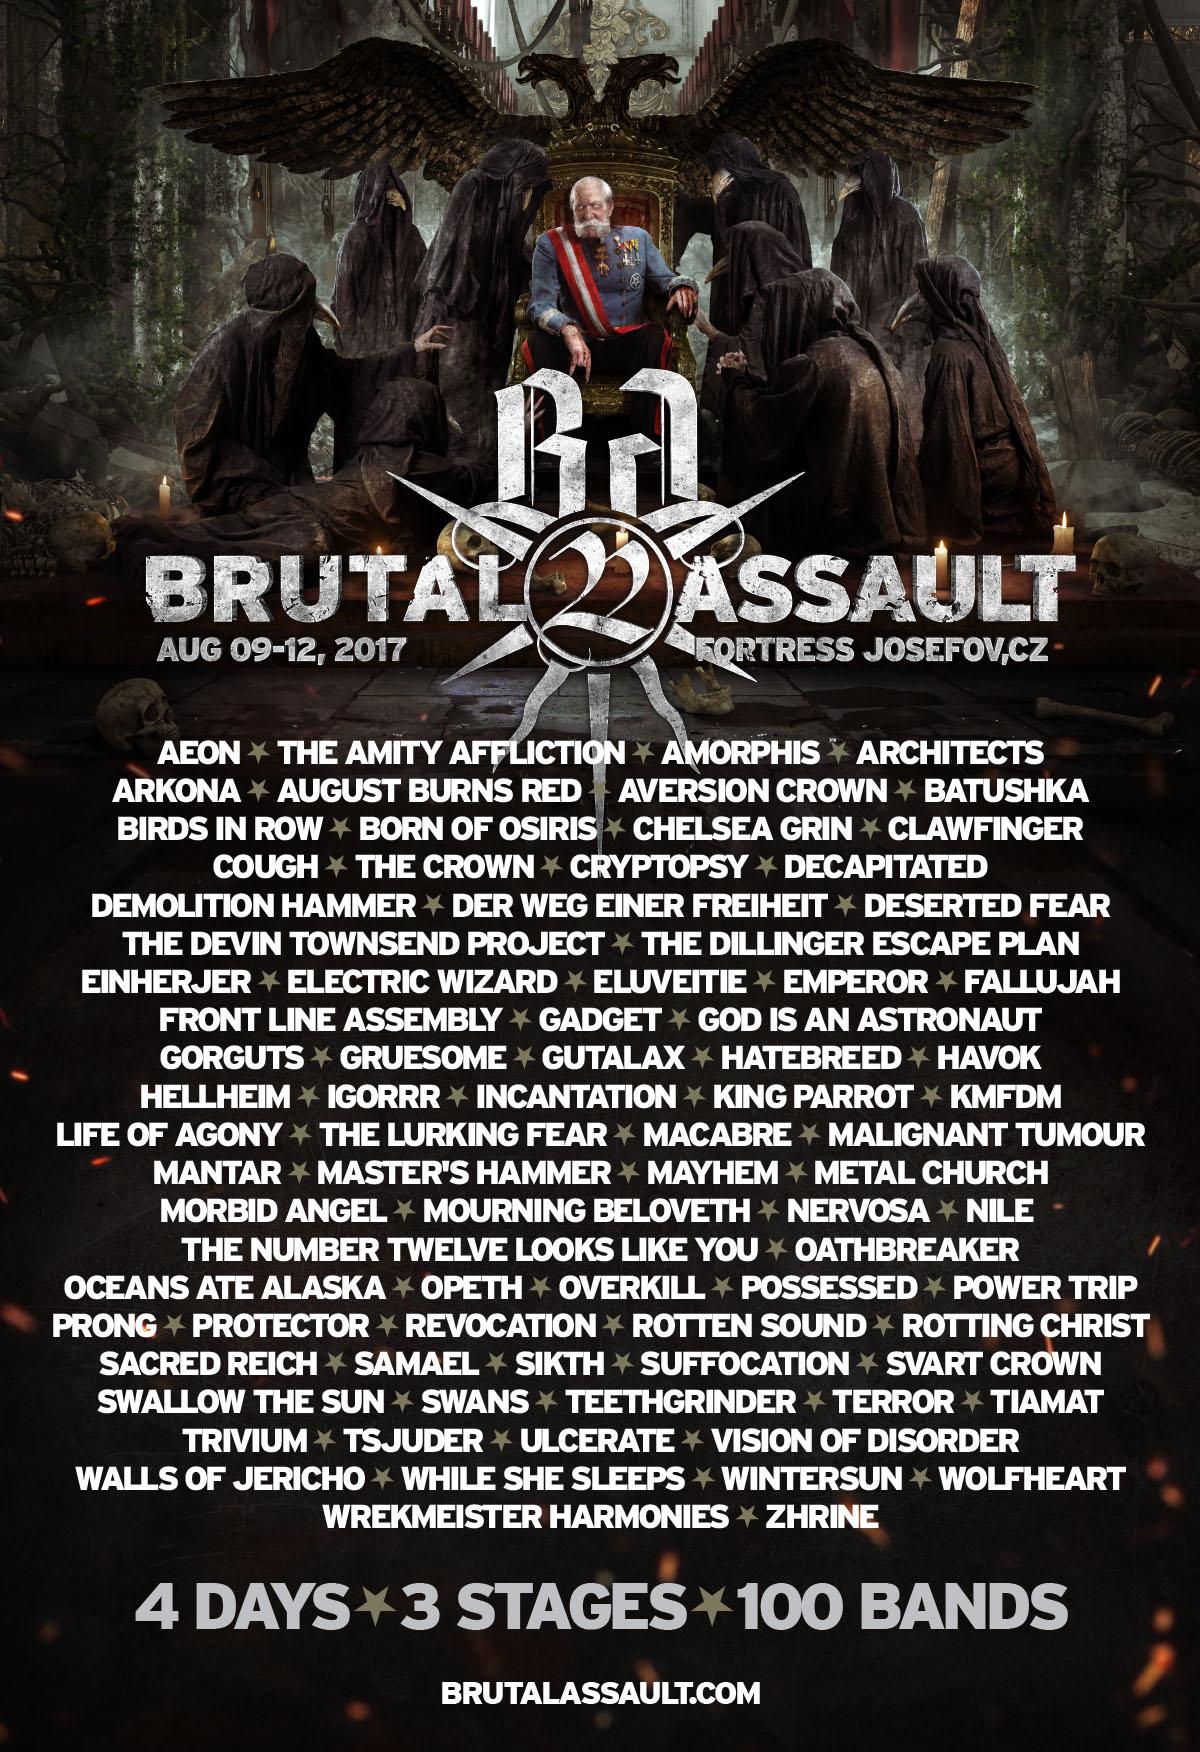 3 months left! Brutal Assault, August 9 - 12, 2017